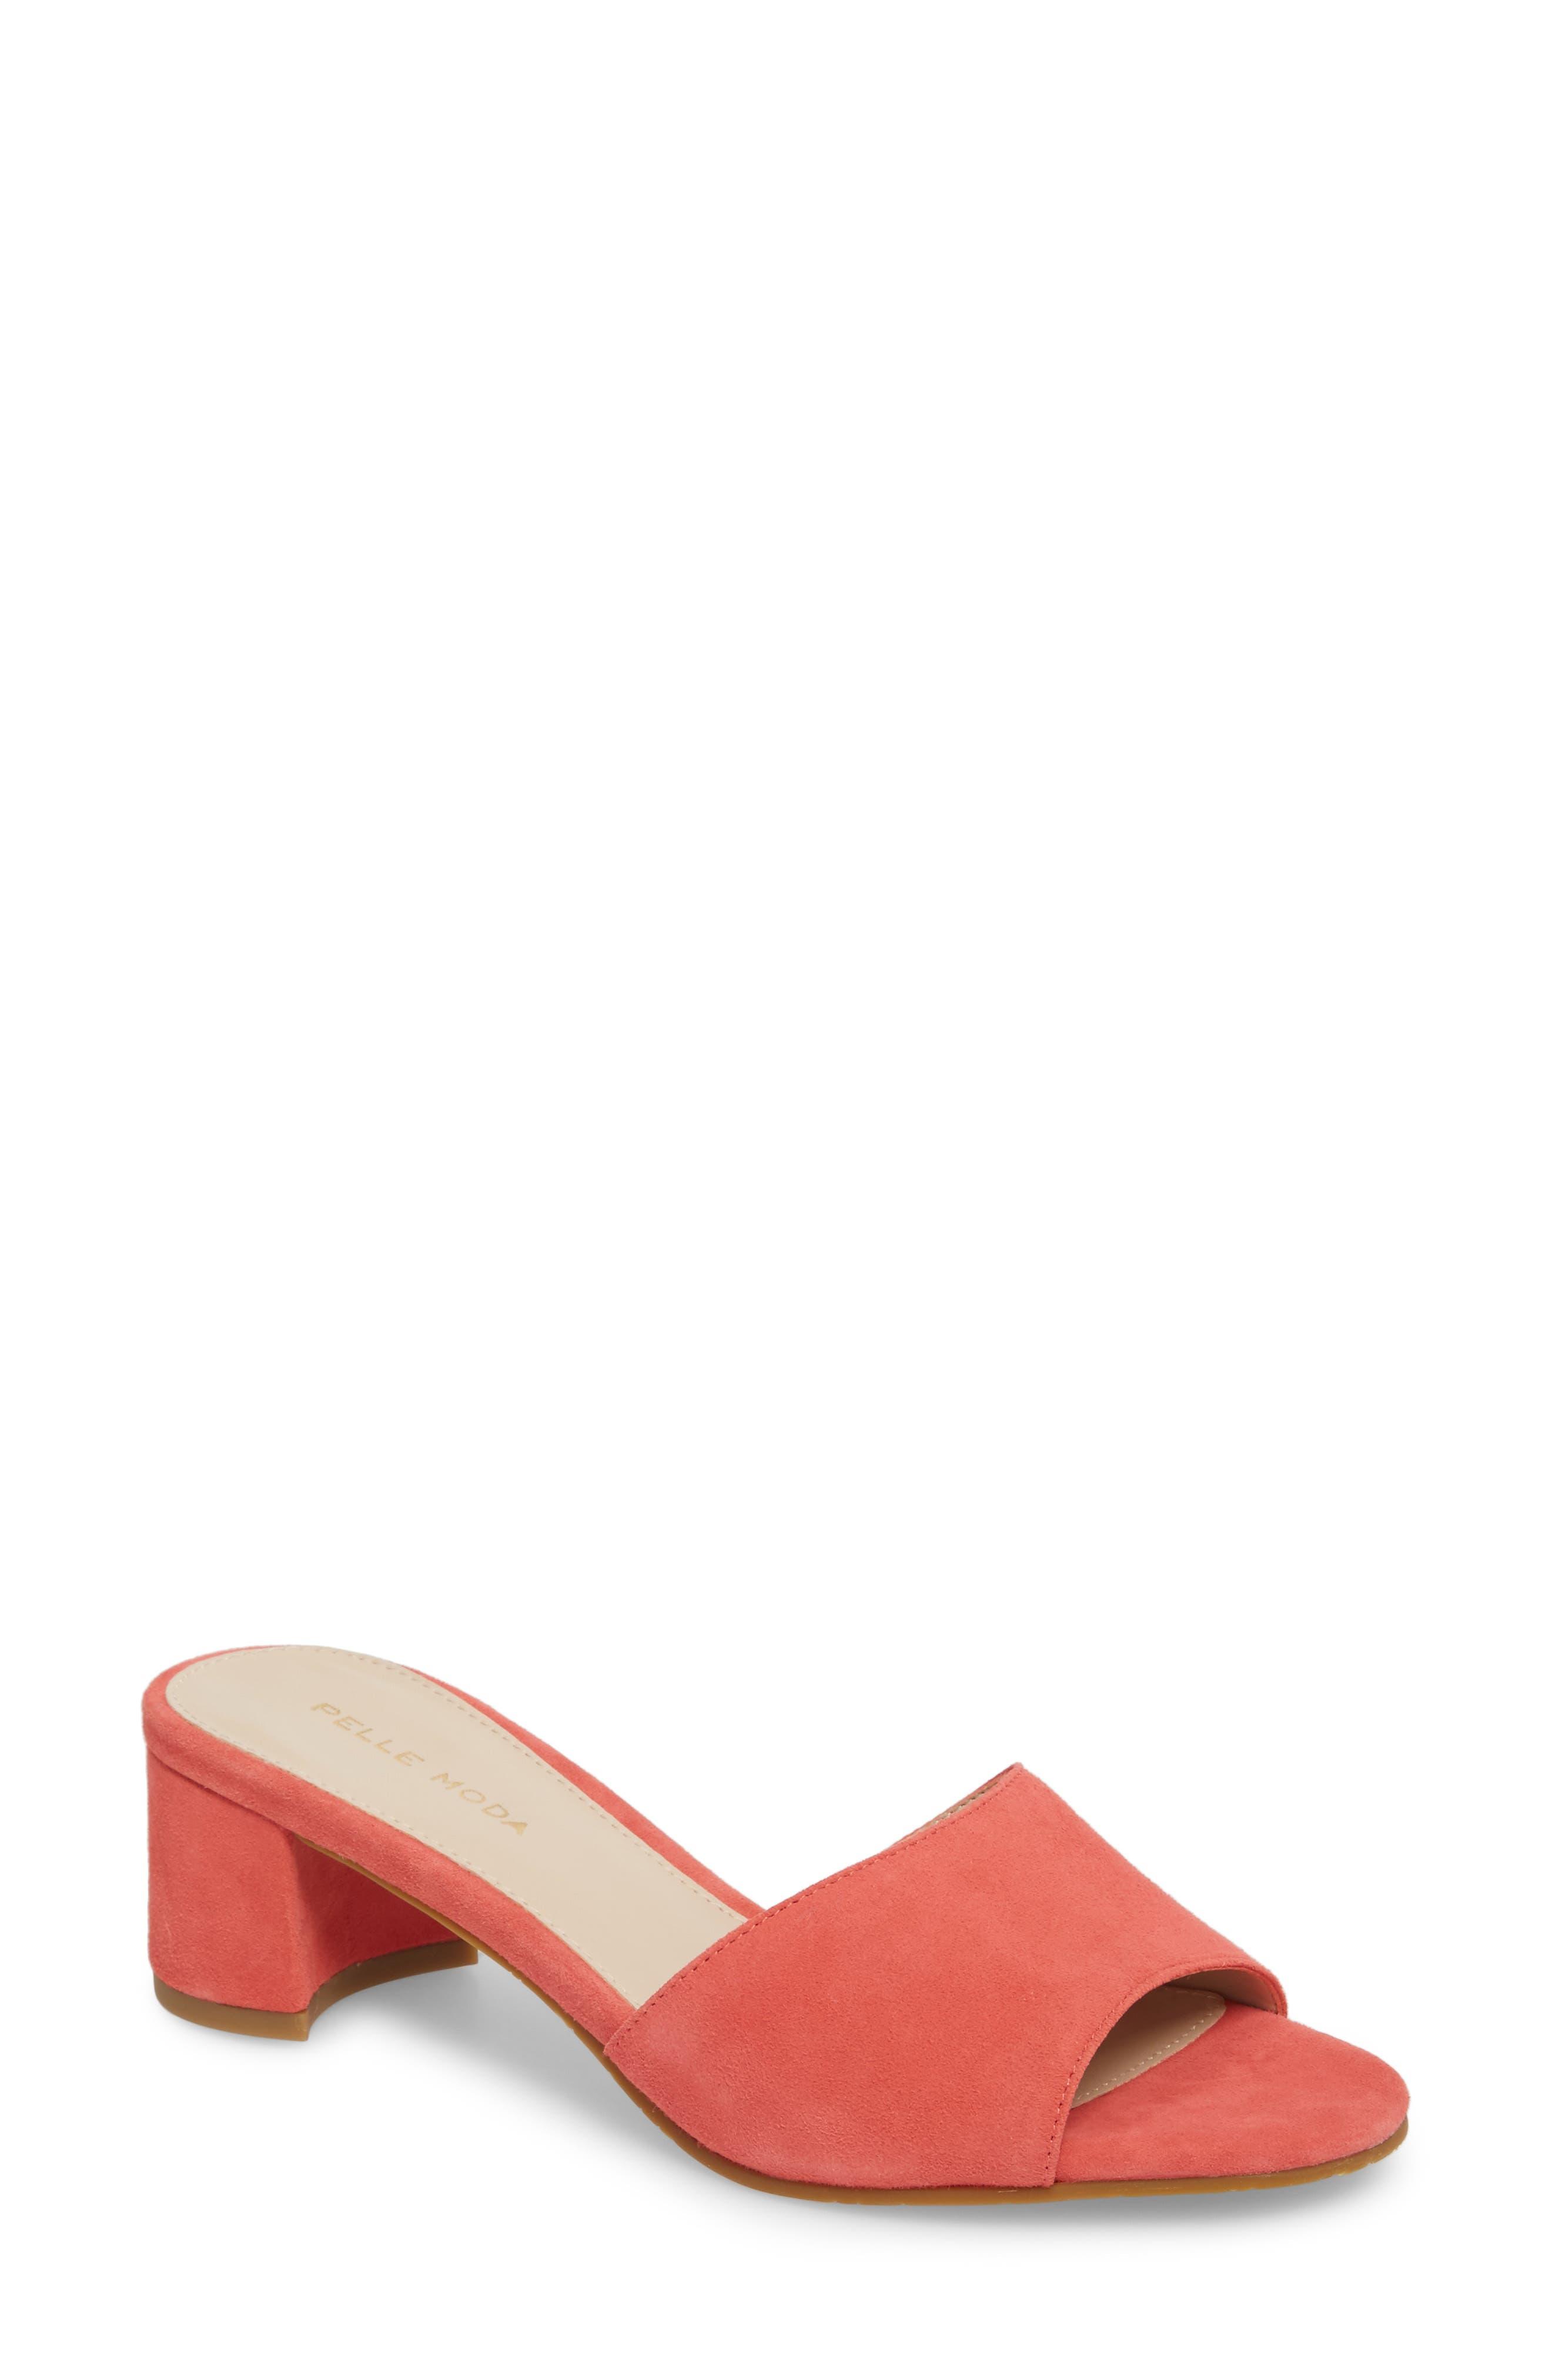 Rea Block Heel Slide, Flamingo Suede